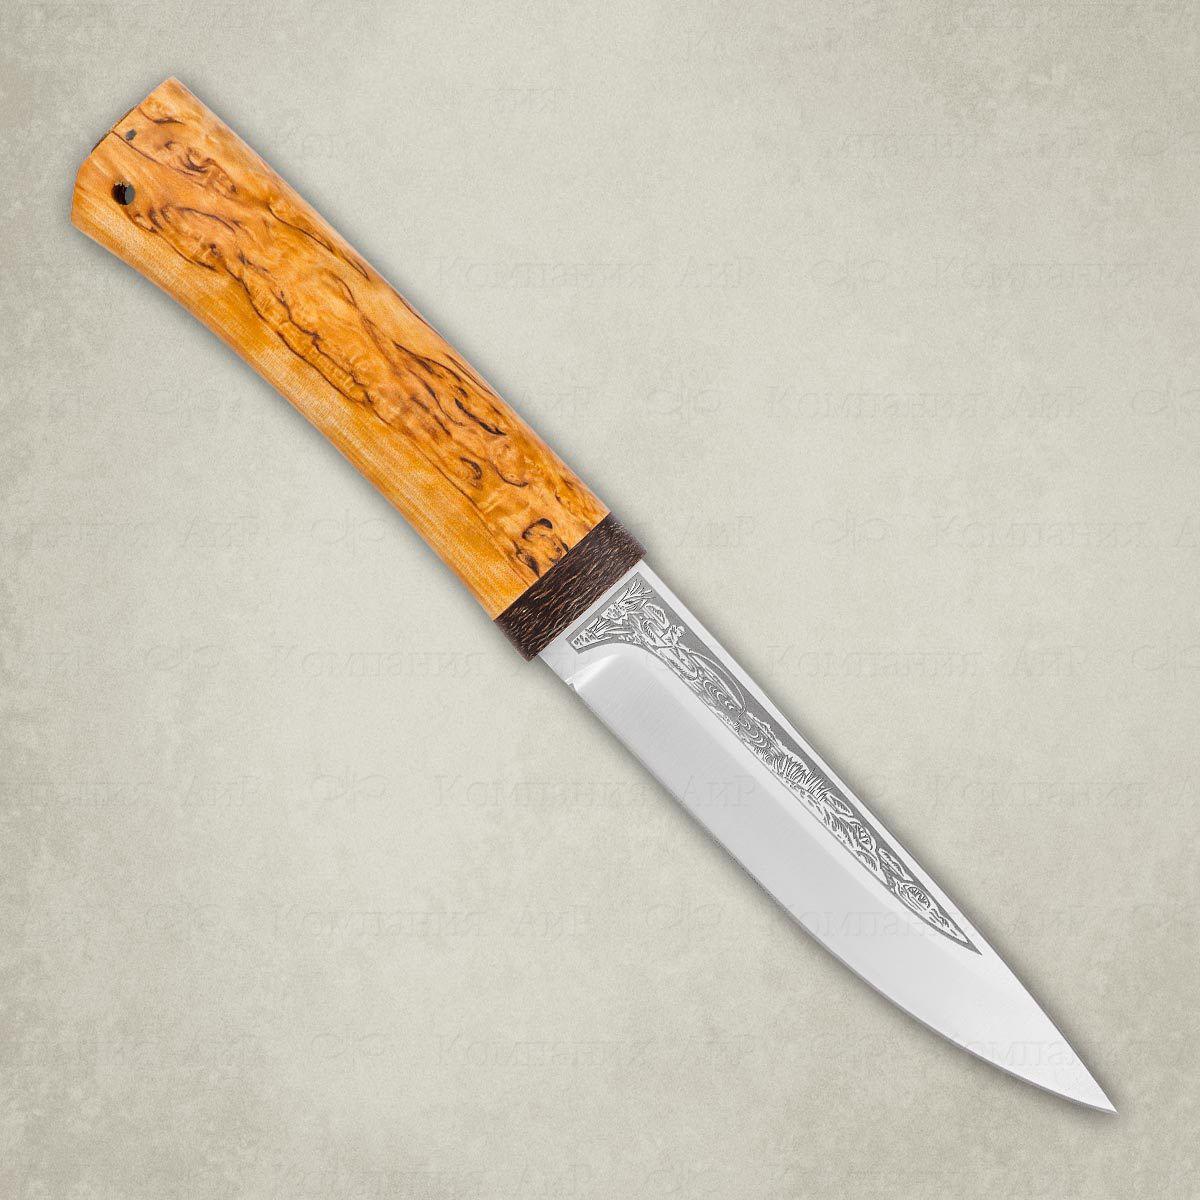 Фото 2 - Нож Пескарь, карельская береза, 95х18 от АиР